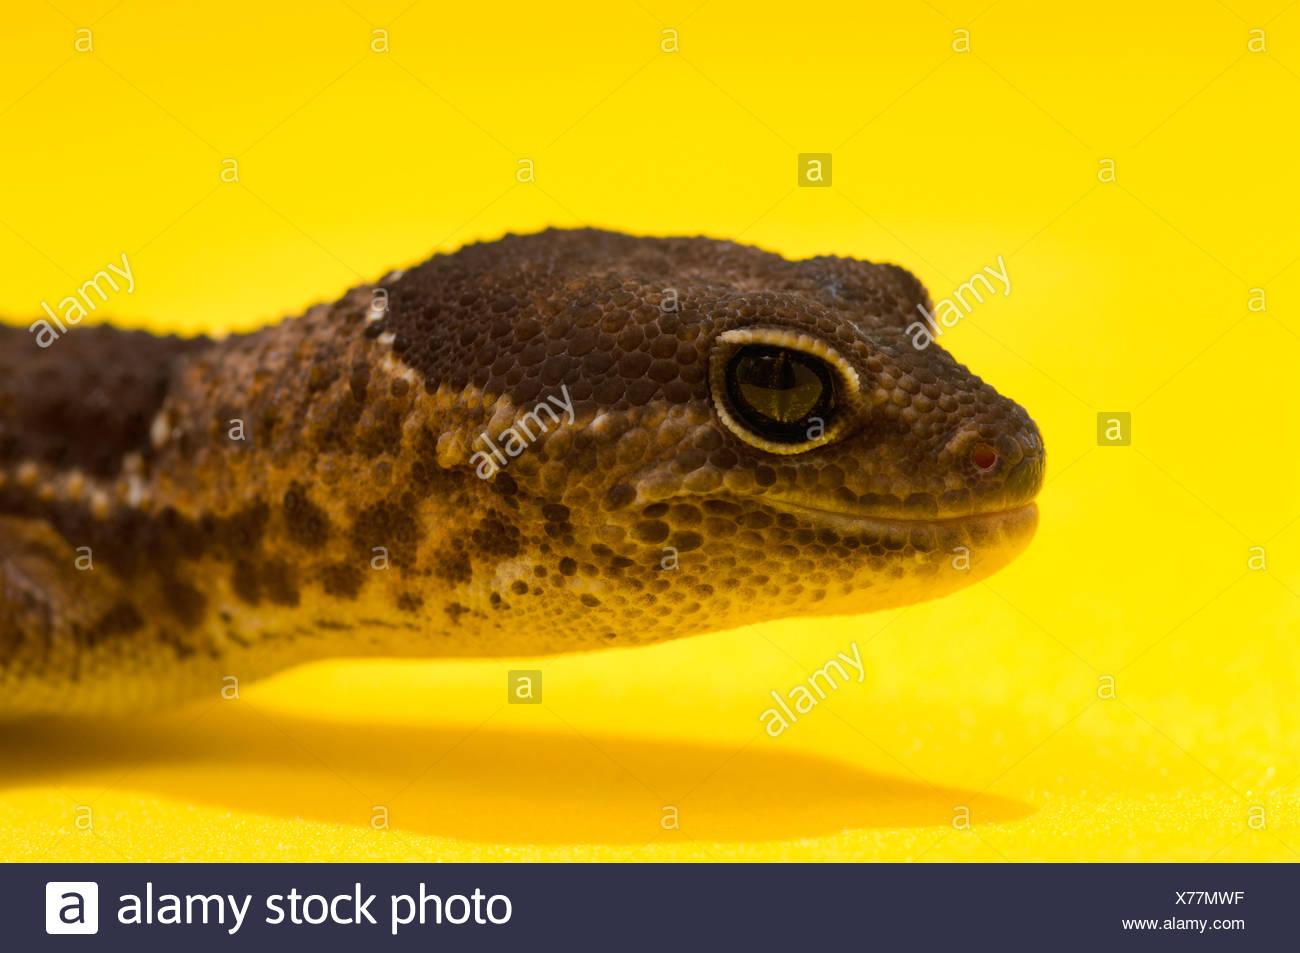 Nahaufnahme eines afrikanischen Fett-Tailed Gecko auf gelb Stockbild